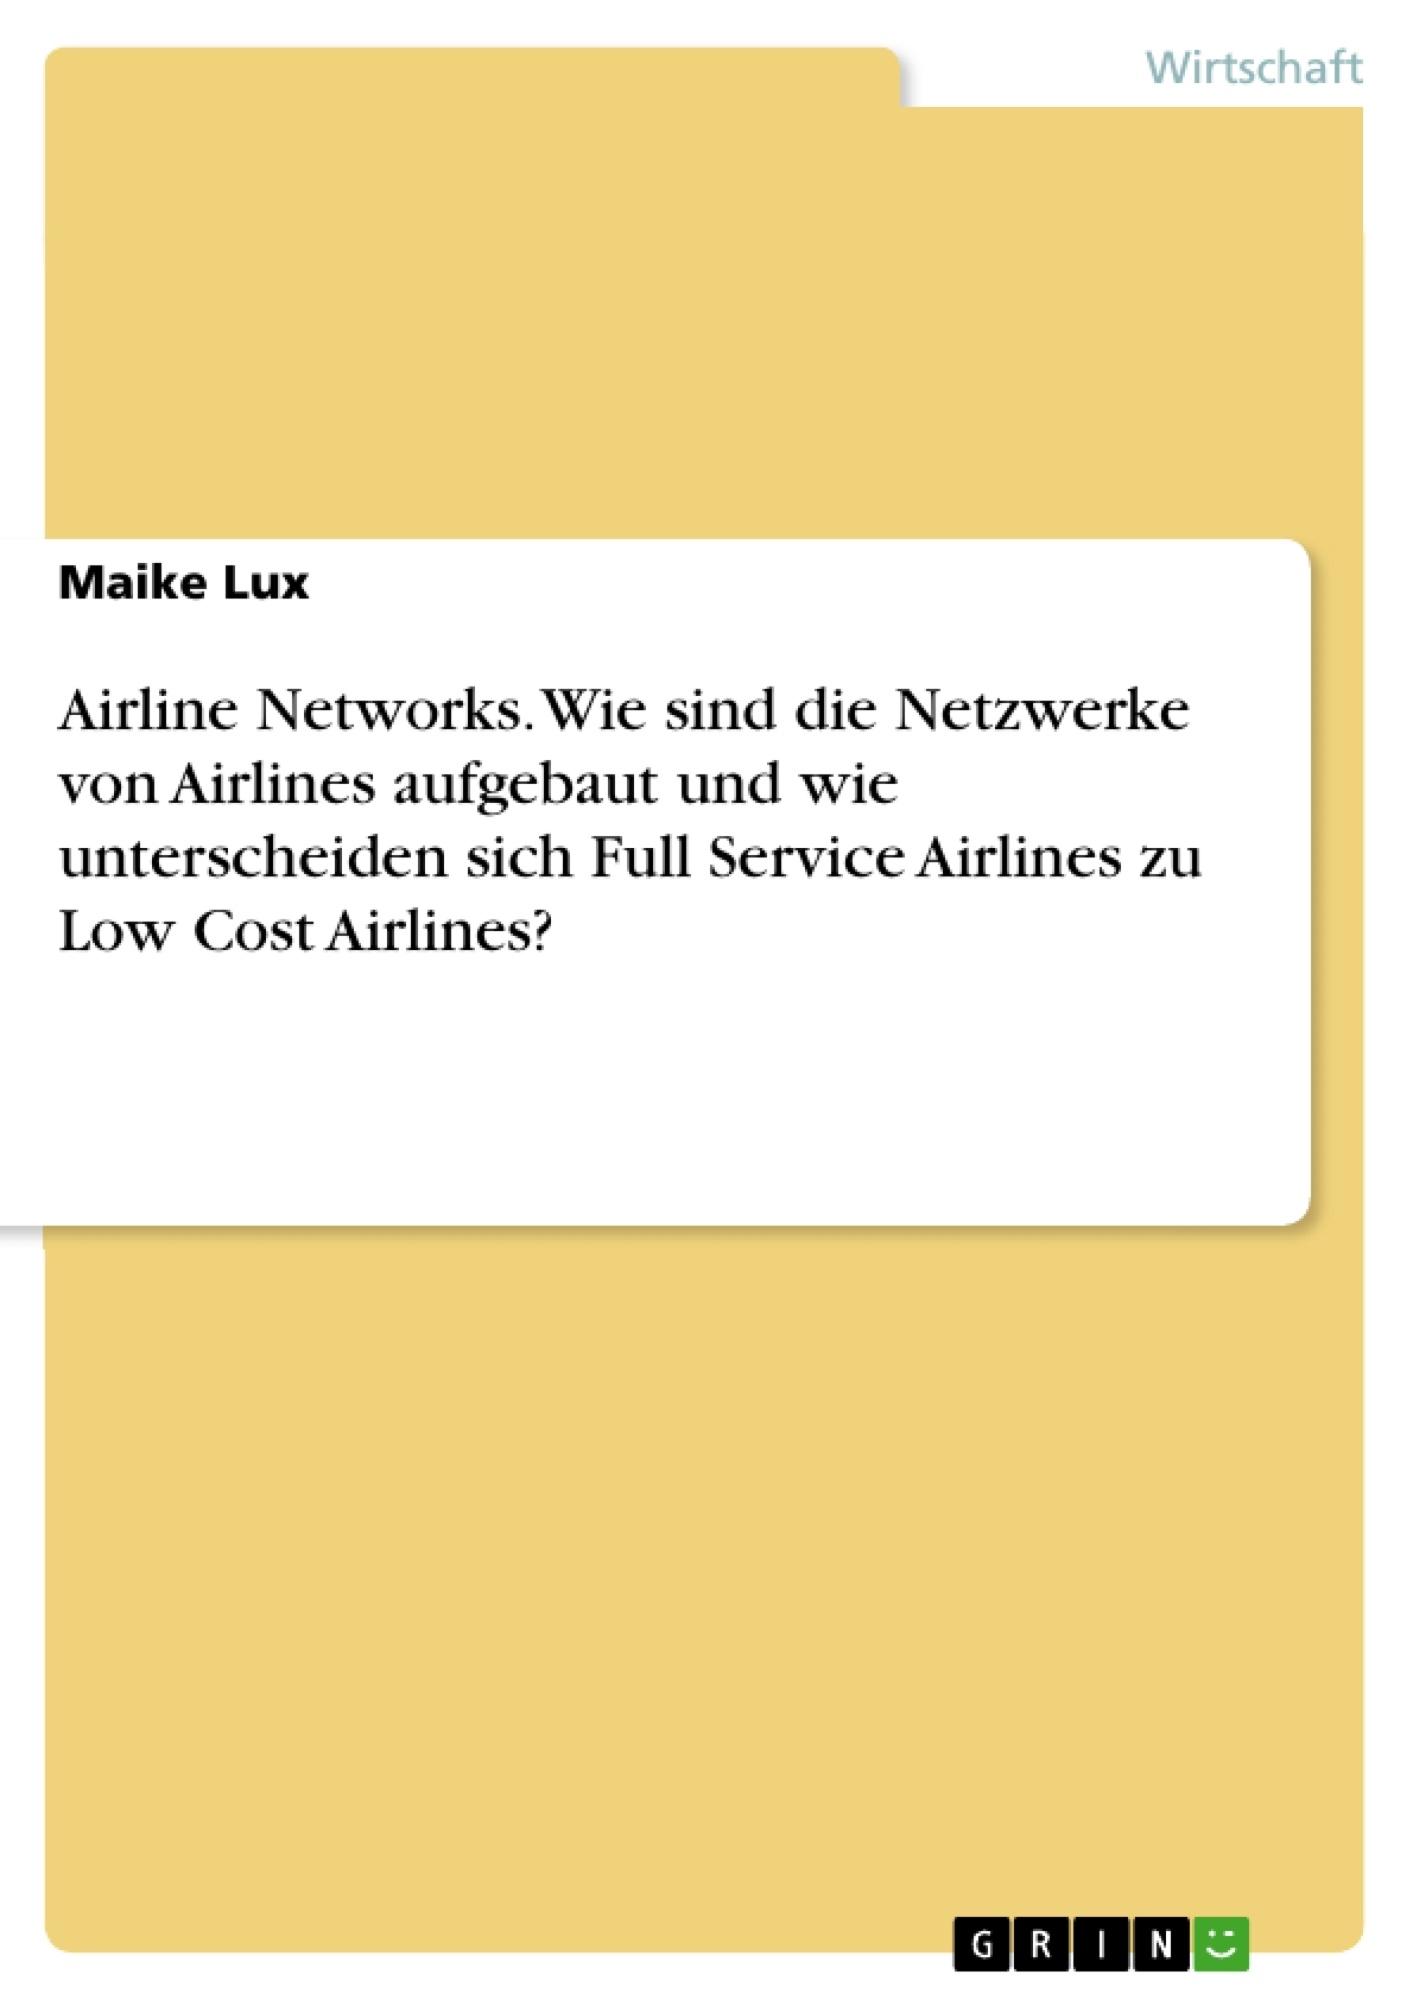 Titel: Airline Networks. Wie sind die Netzwerke von Airlines aufgebaut und wie unterscheiden sich Full Service Airlines zu Low Cost Airlines?